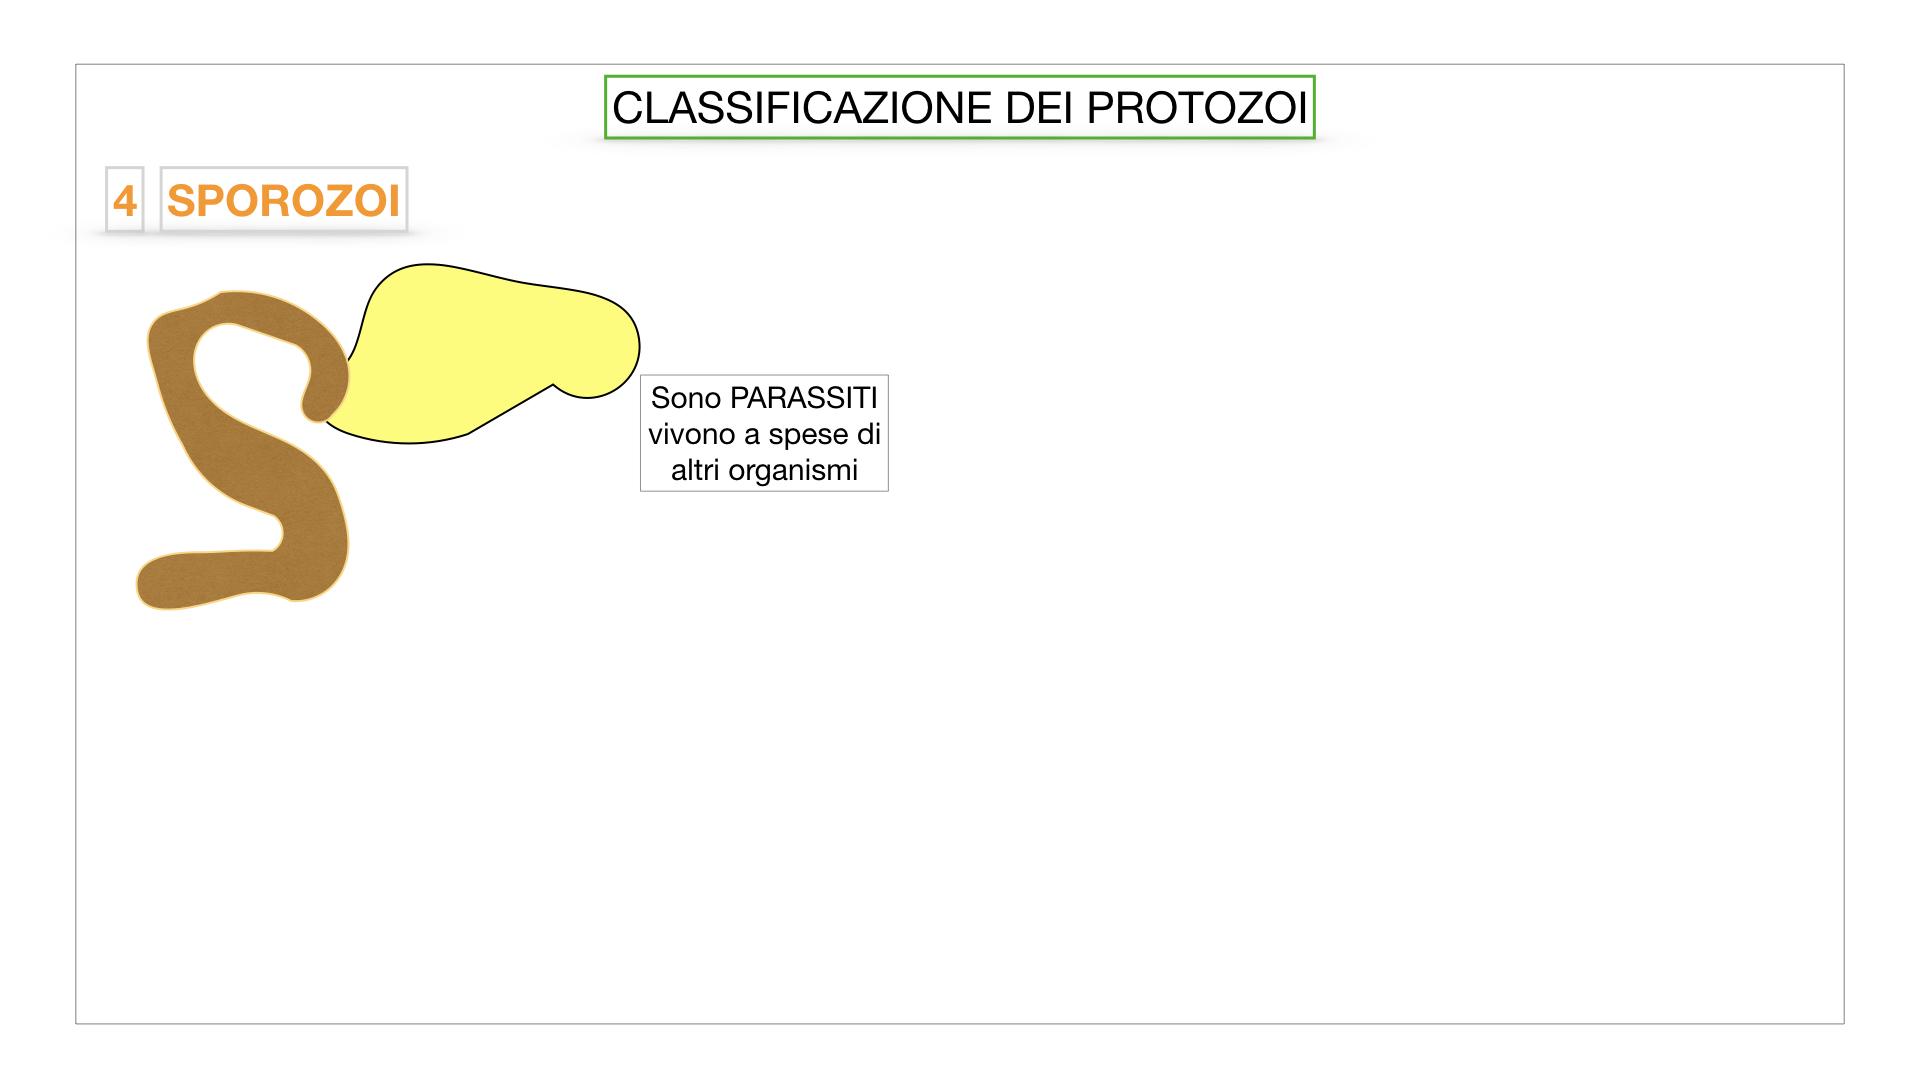 6. PROTOZOI_classificazione_SIMULAZIONE.046